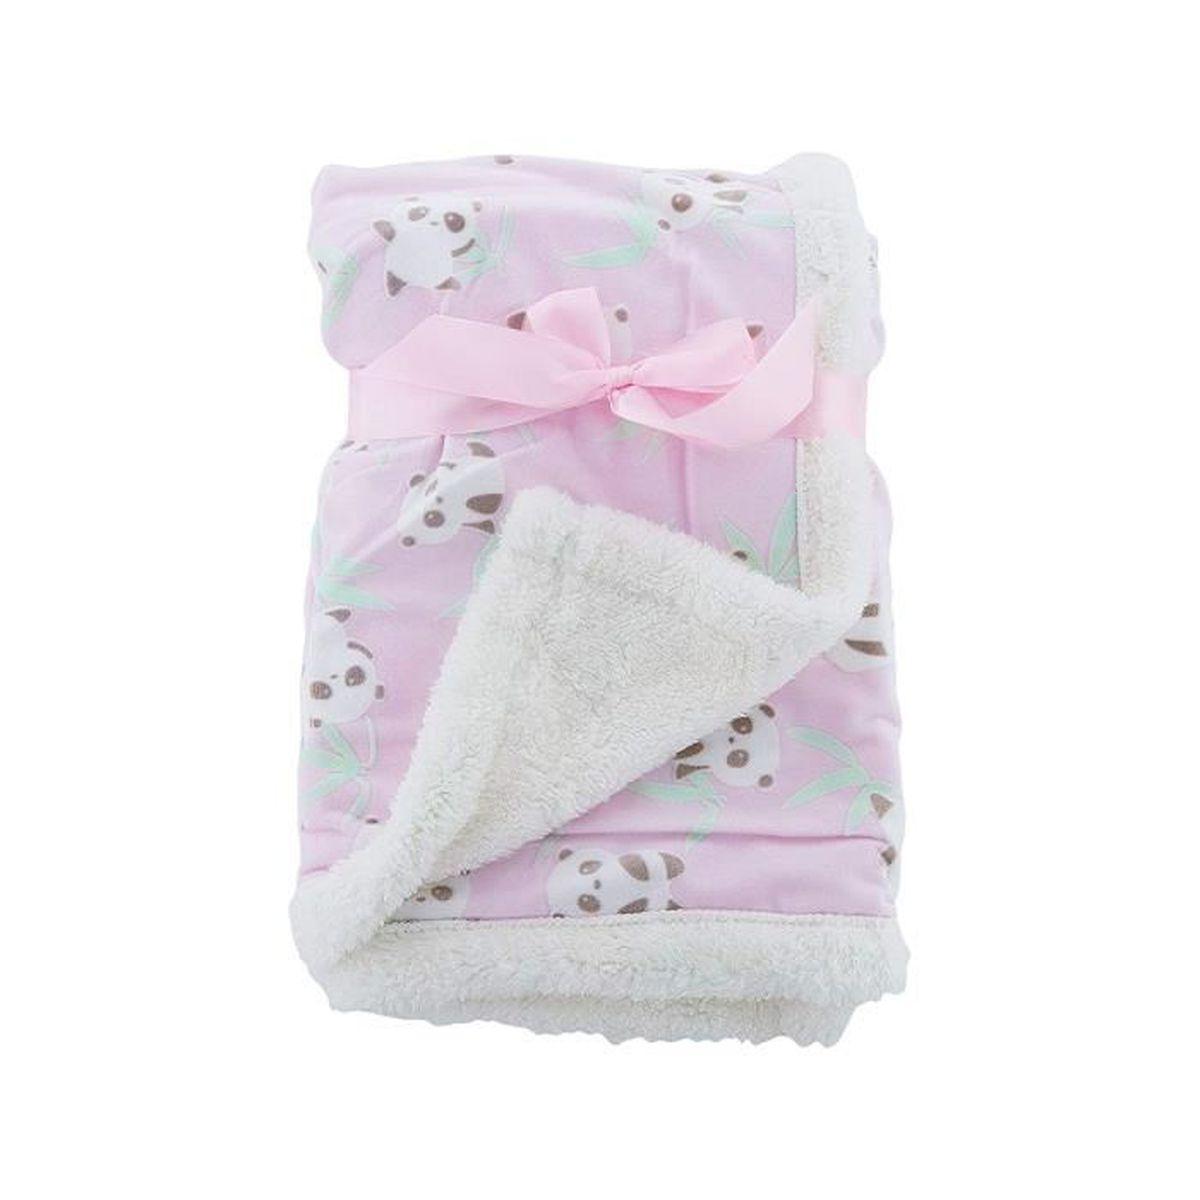 First Steps Couverture en polaire douce lavable pour b/éb/é 70/x 70/cm /à partir de 0 mois 2 x Blankets blanc bleu//rose//blanc